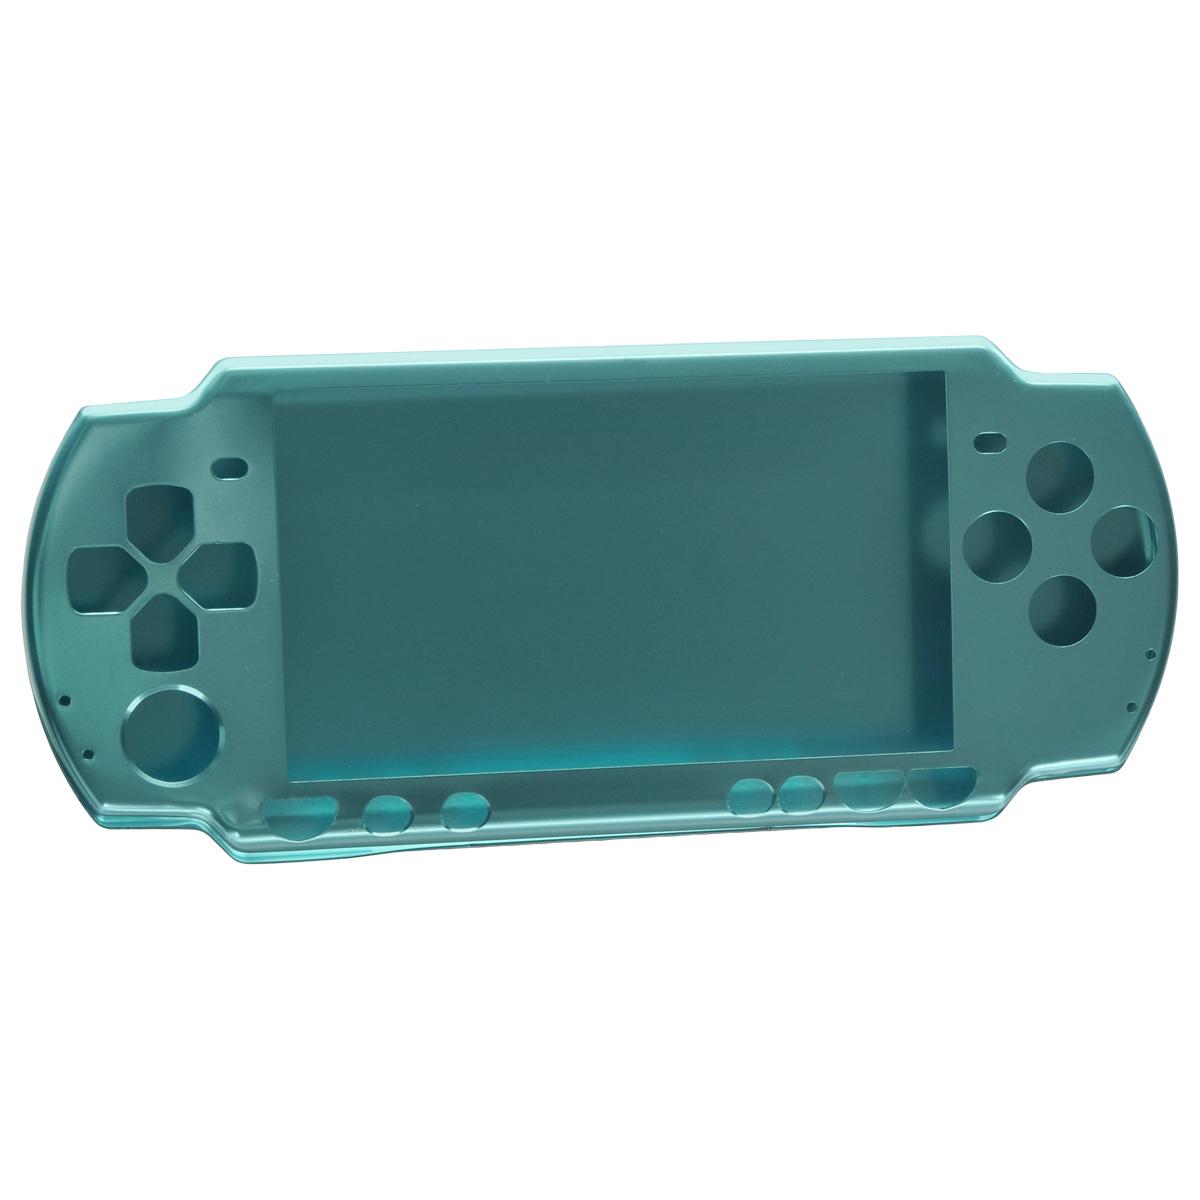 Алюминиевый защитный корпус Game Guru для Sony PSP 2000/3000 (голубой) чехольчик ремешок game guru для sony psp 2000 3000 золотой